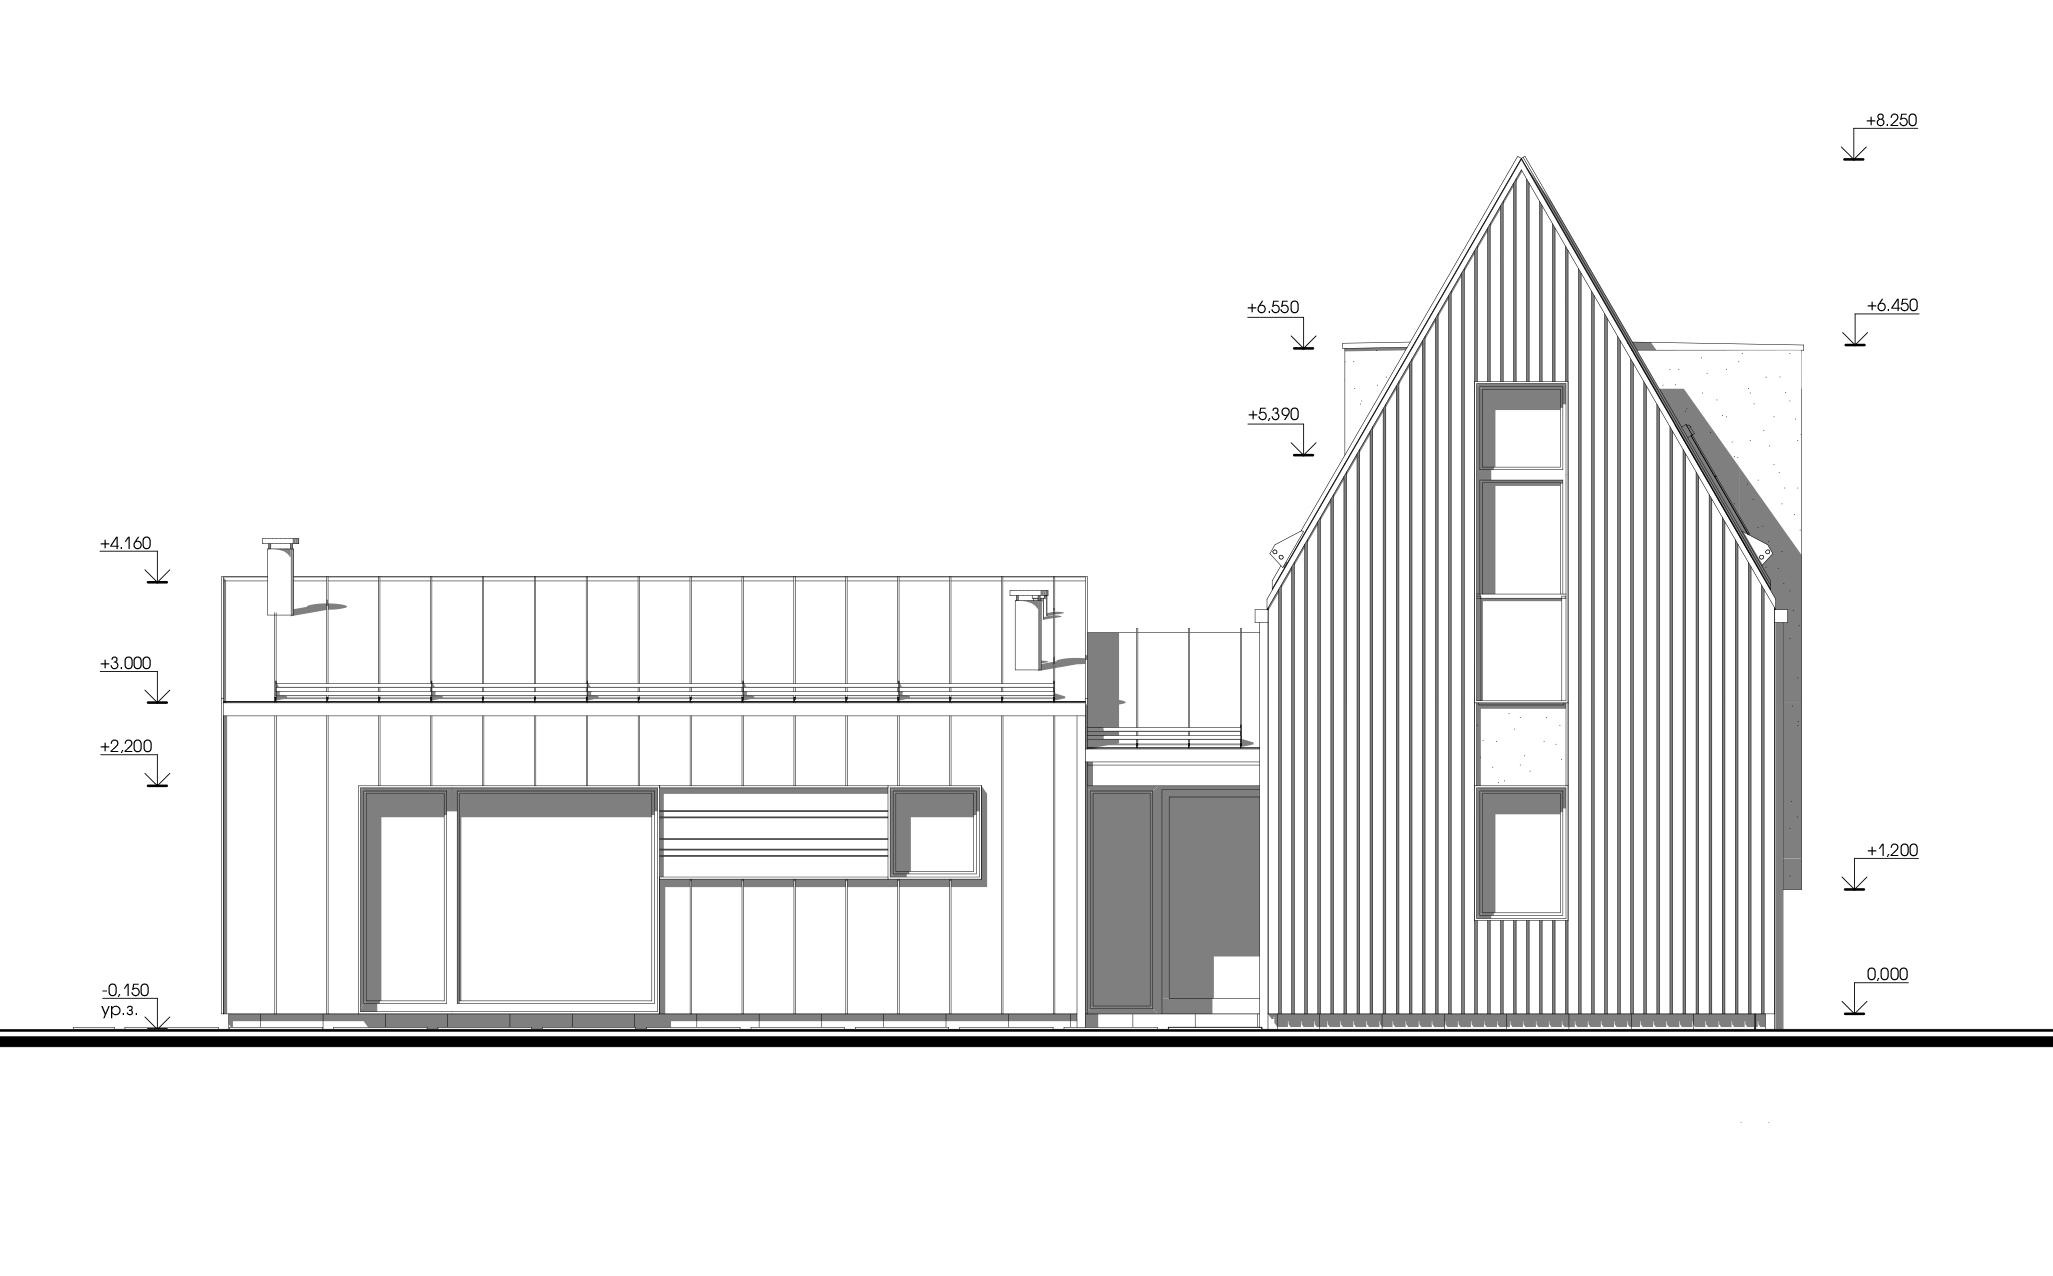 Архитектурный проект дома с бескарнизной кровлей